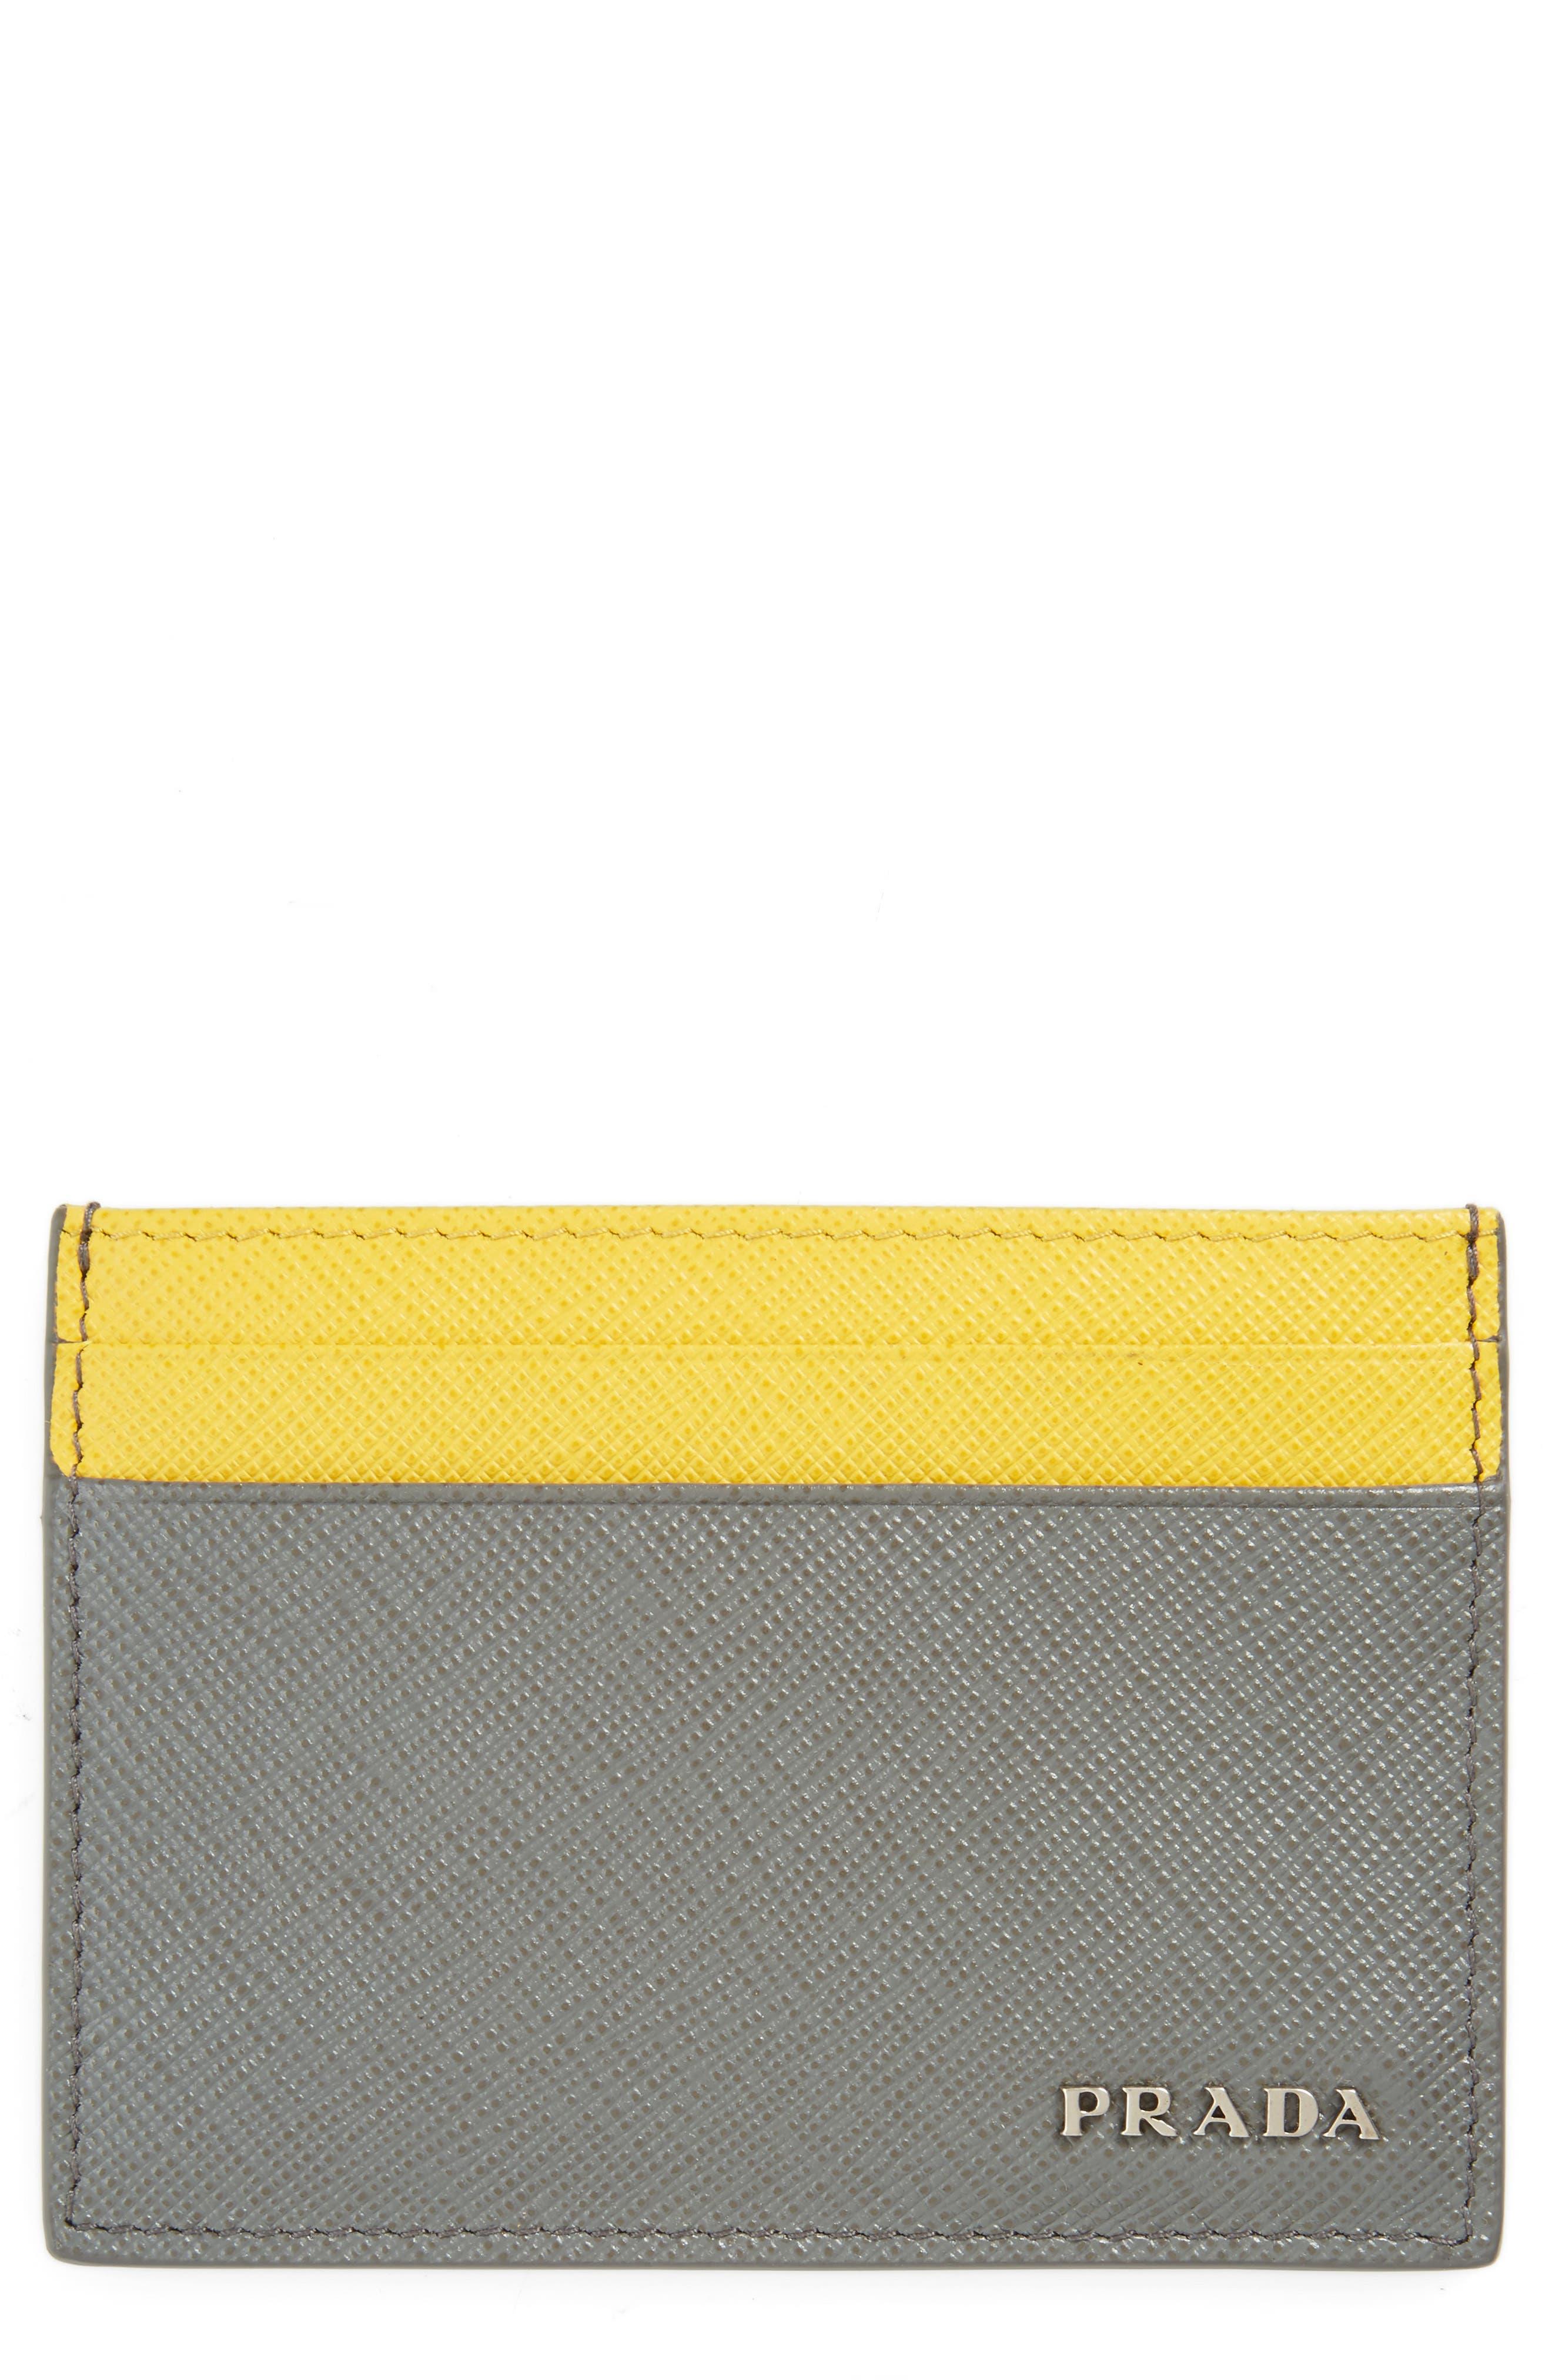 Alternate Image 1 Selected - Prada Bicolor Saffiano Leather Card Case